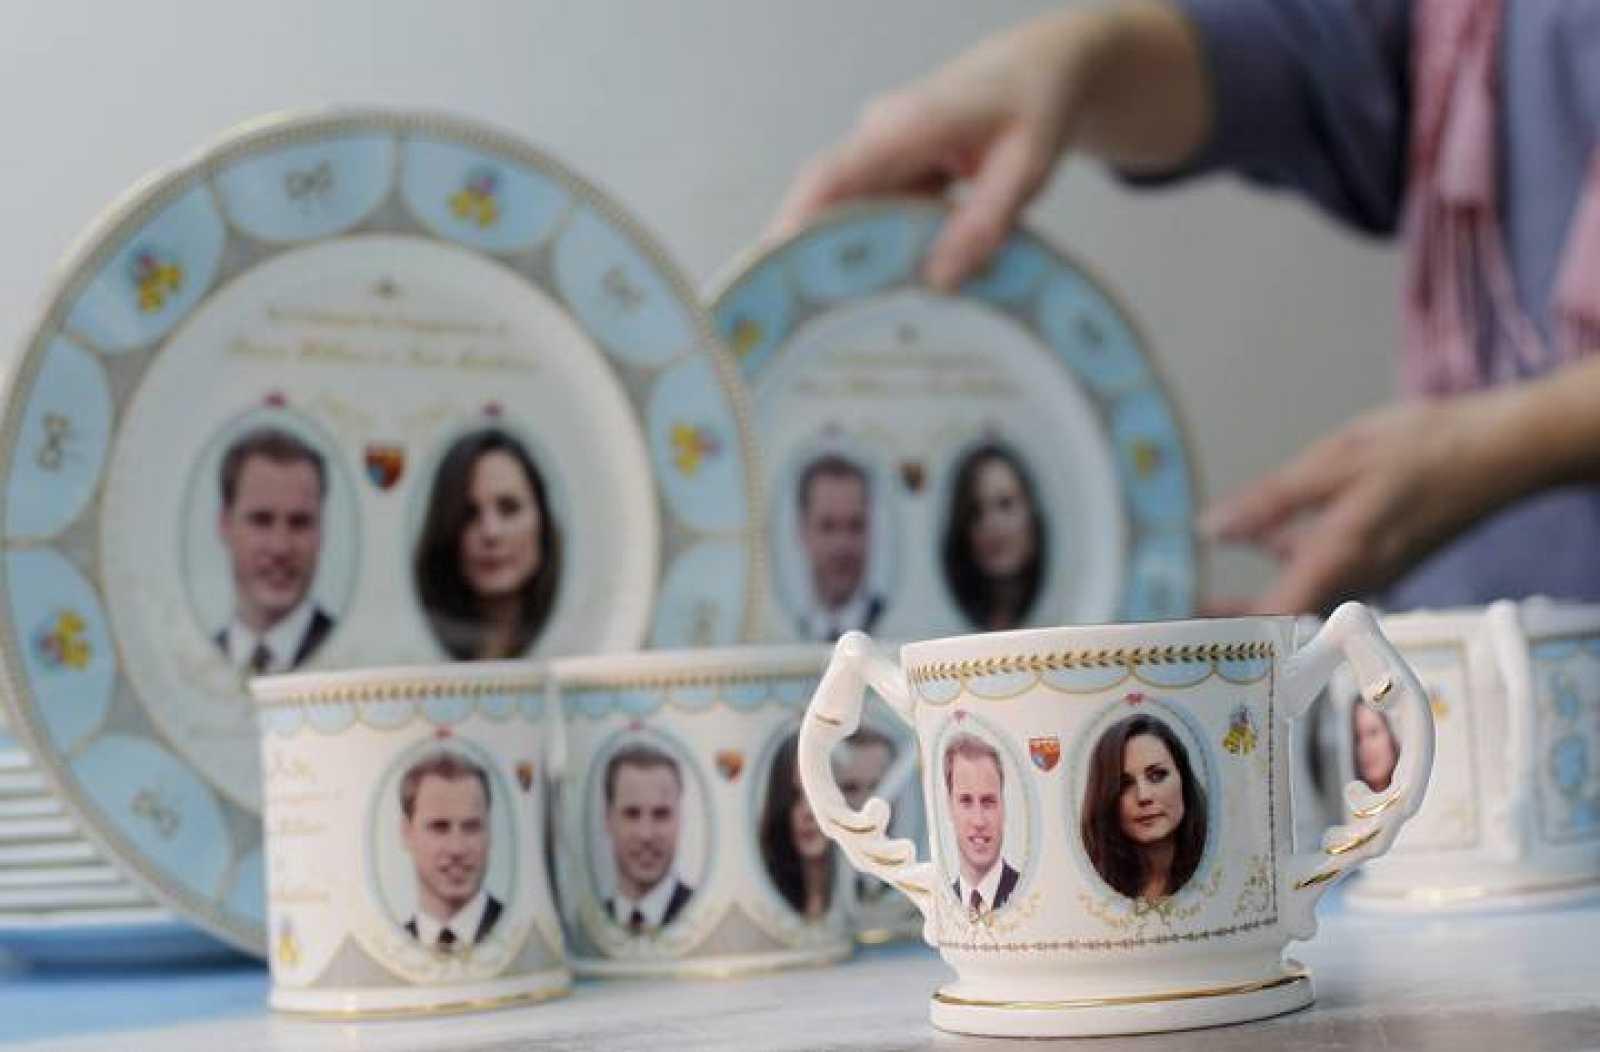 Los comercios británicos ya han comenzado a vender souvenirs del enlace entre el príncipe Guillermo y Kate.